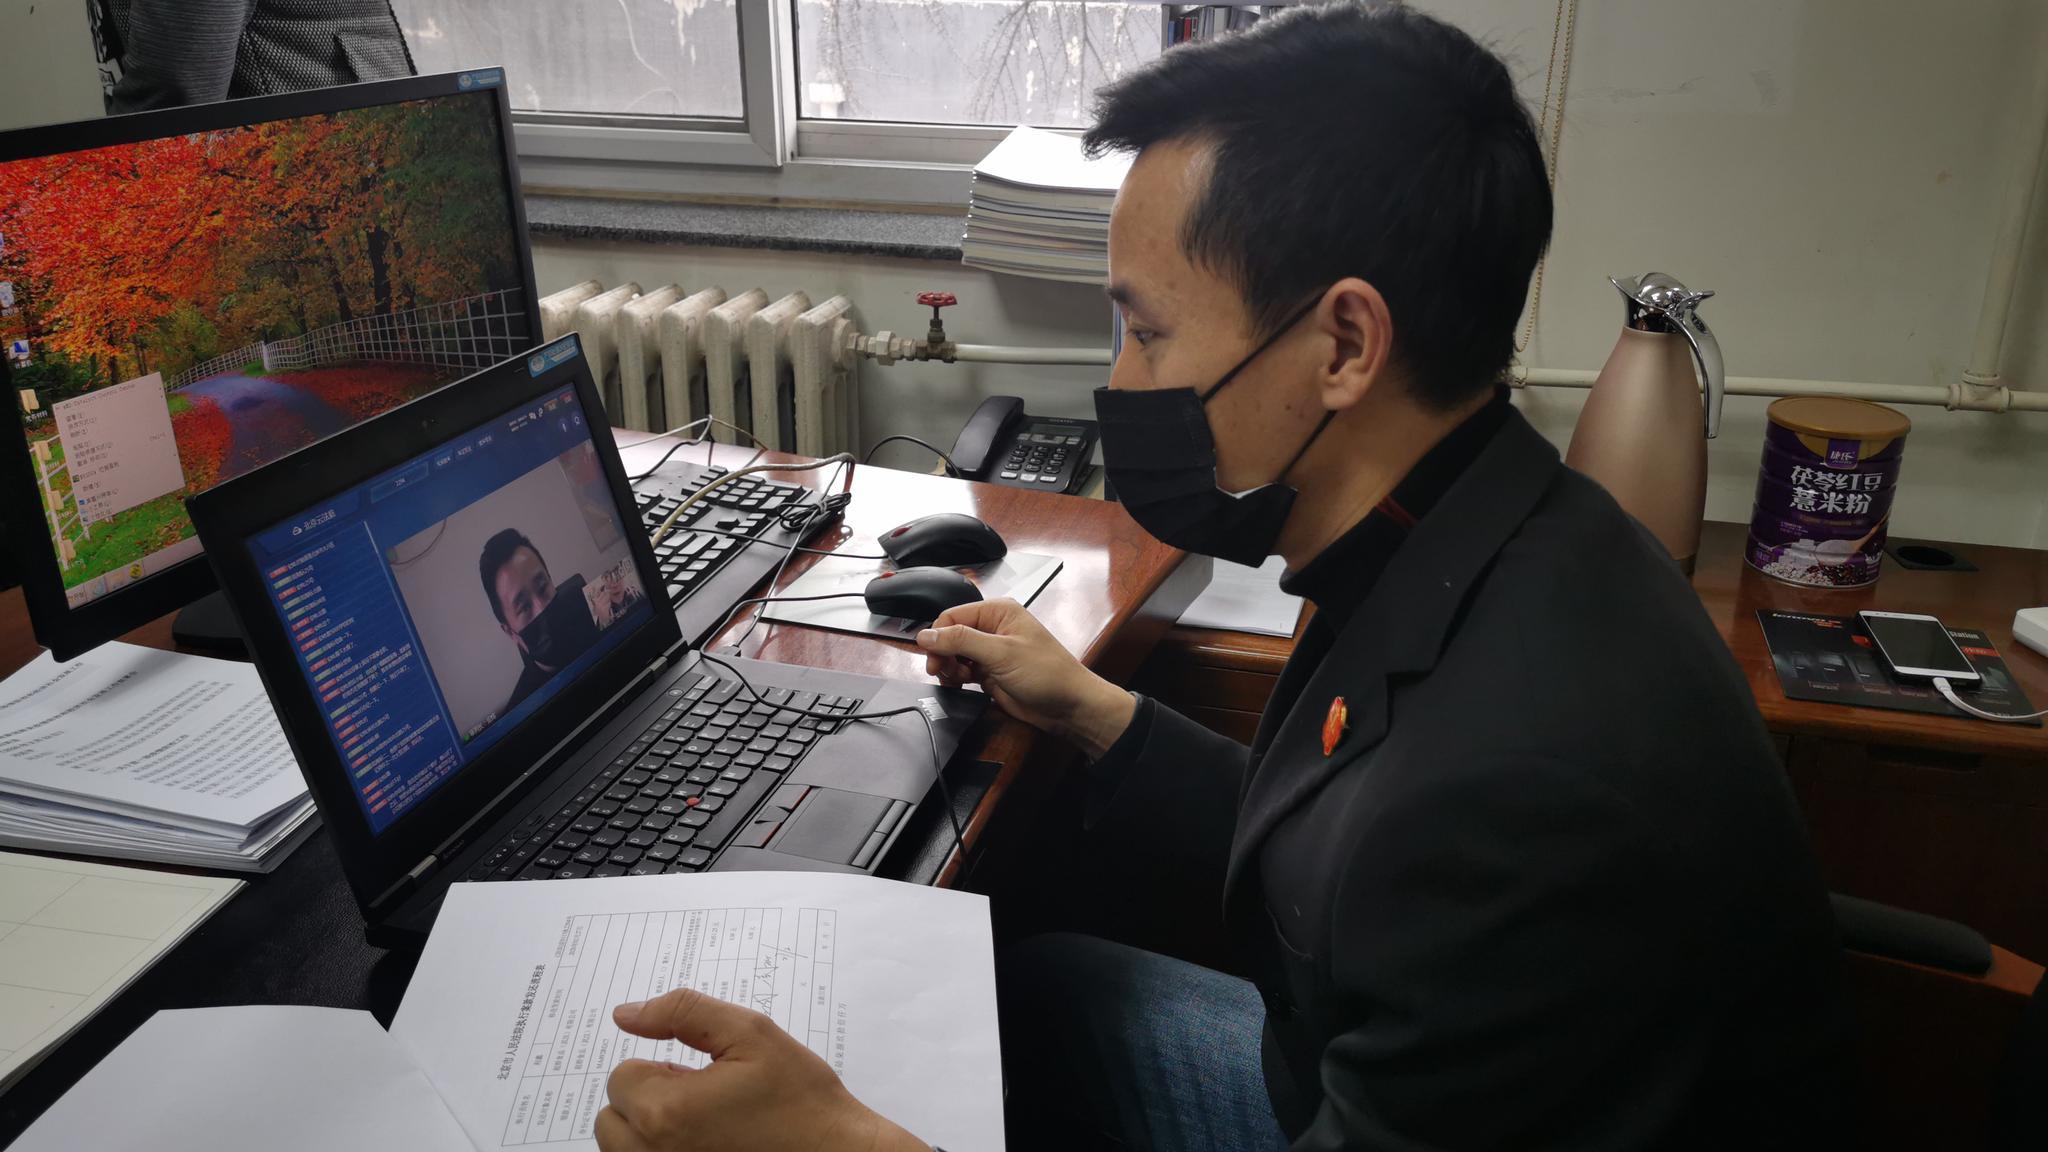 北京大兴法院在线确认执行案款,武汉某企业将发放工资图片